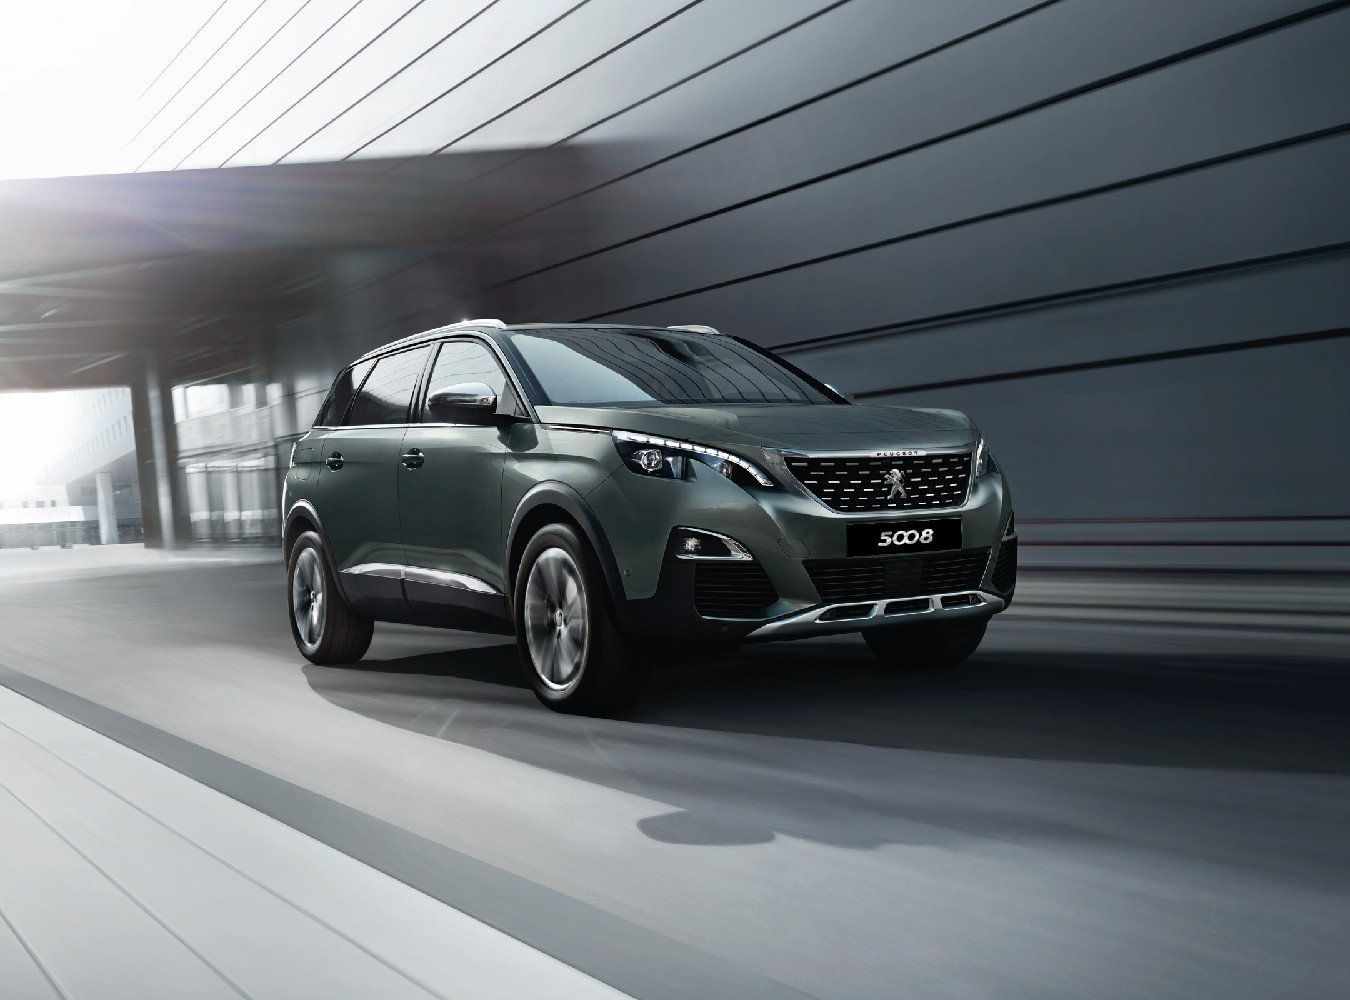 Giá lăn bánh xe Peugeot 5008 2019 sau khi bổ sung màu mới - Hình 2